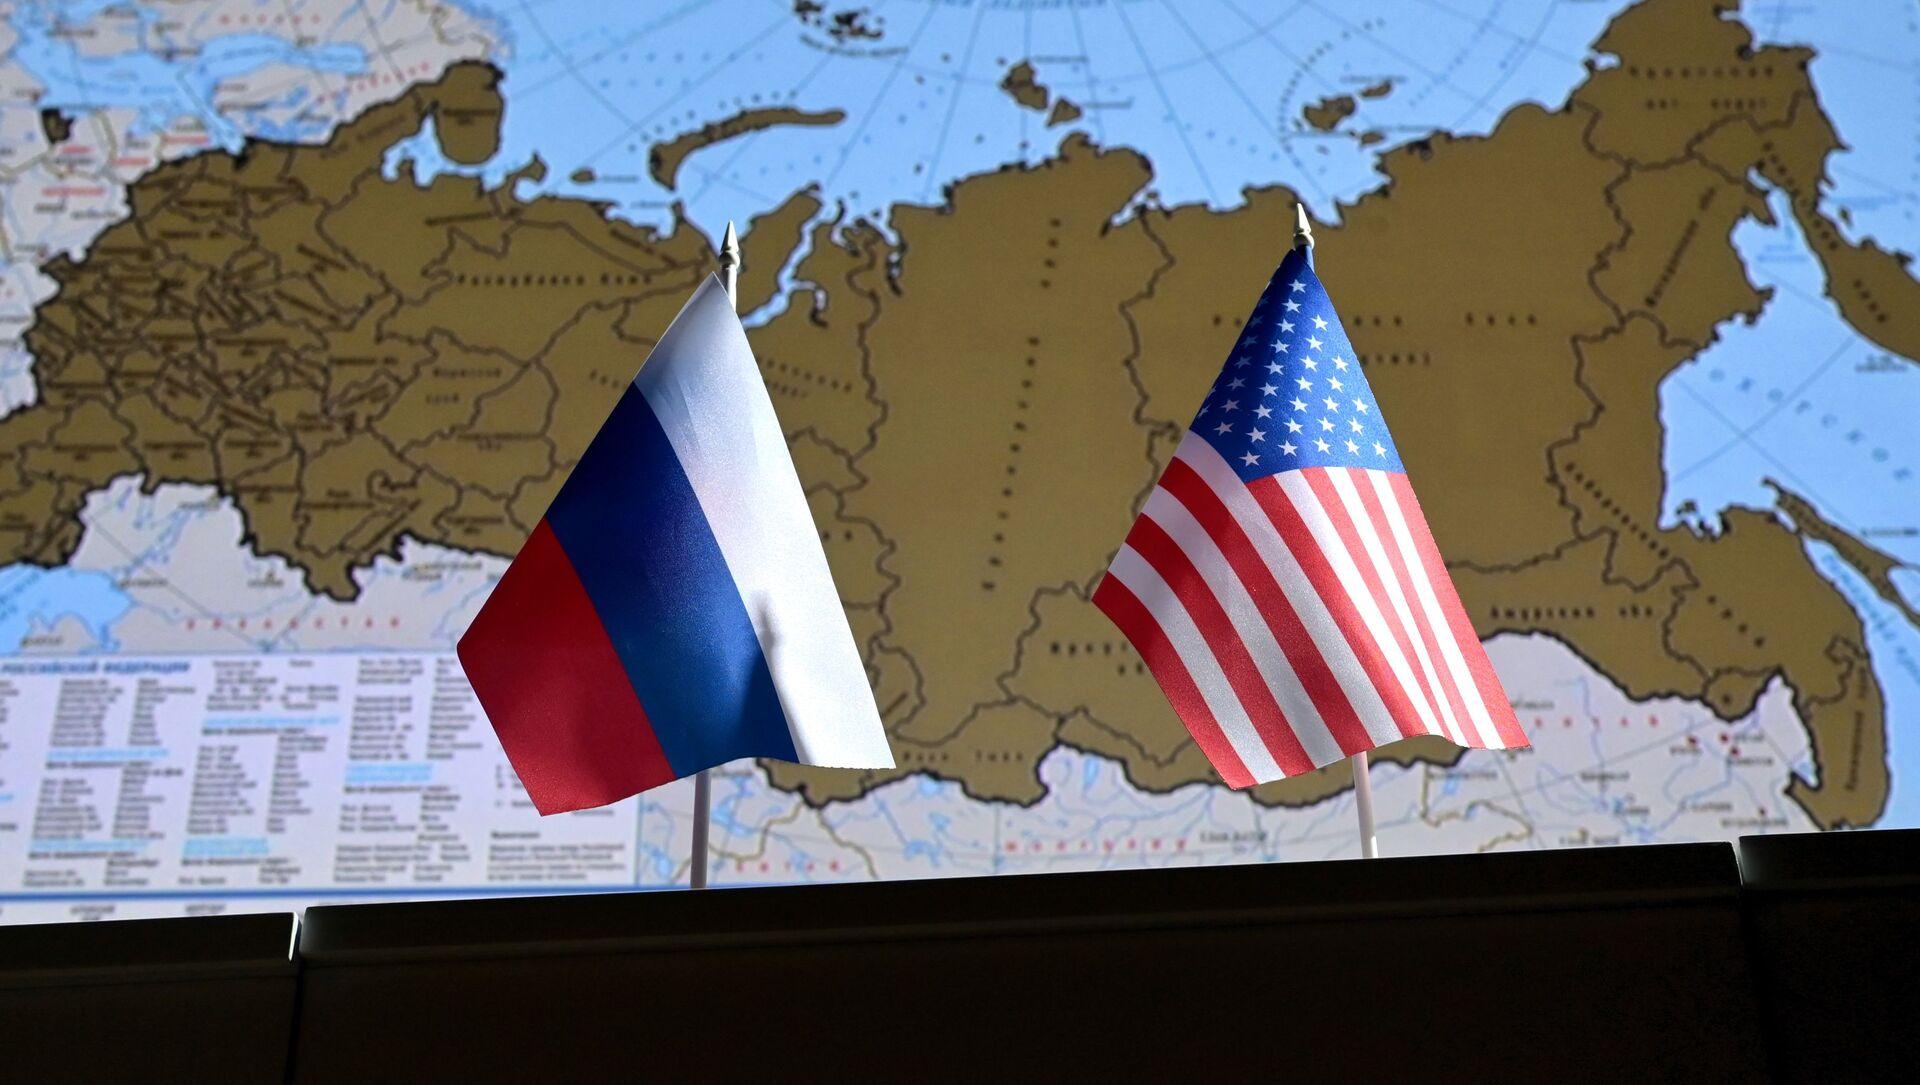 Государственные флаги России и США. - Sputnik Аҧсны, 1920, 15.05.2021